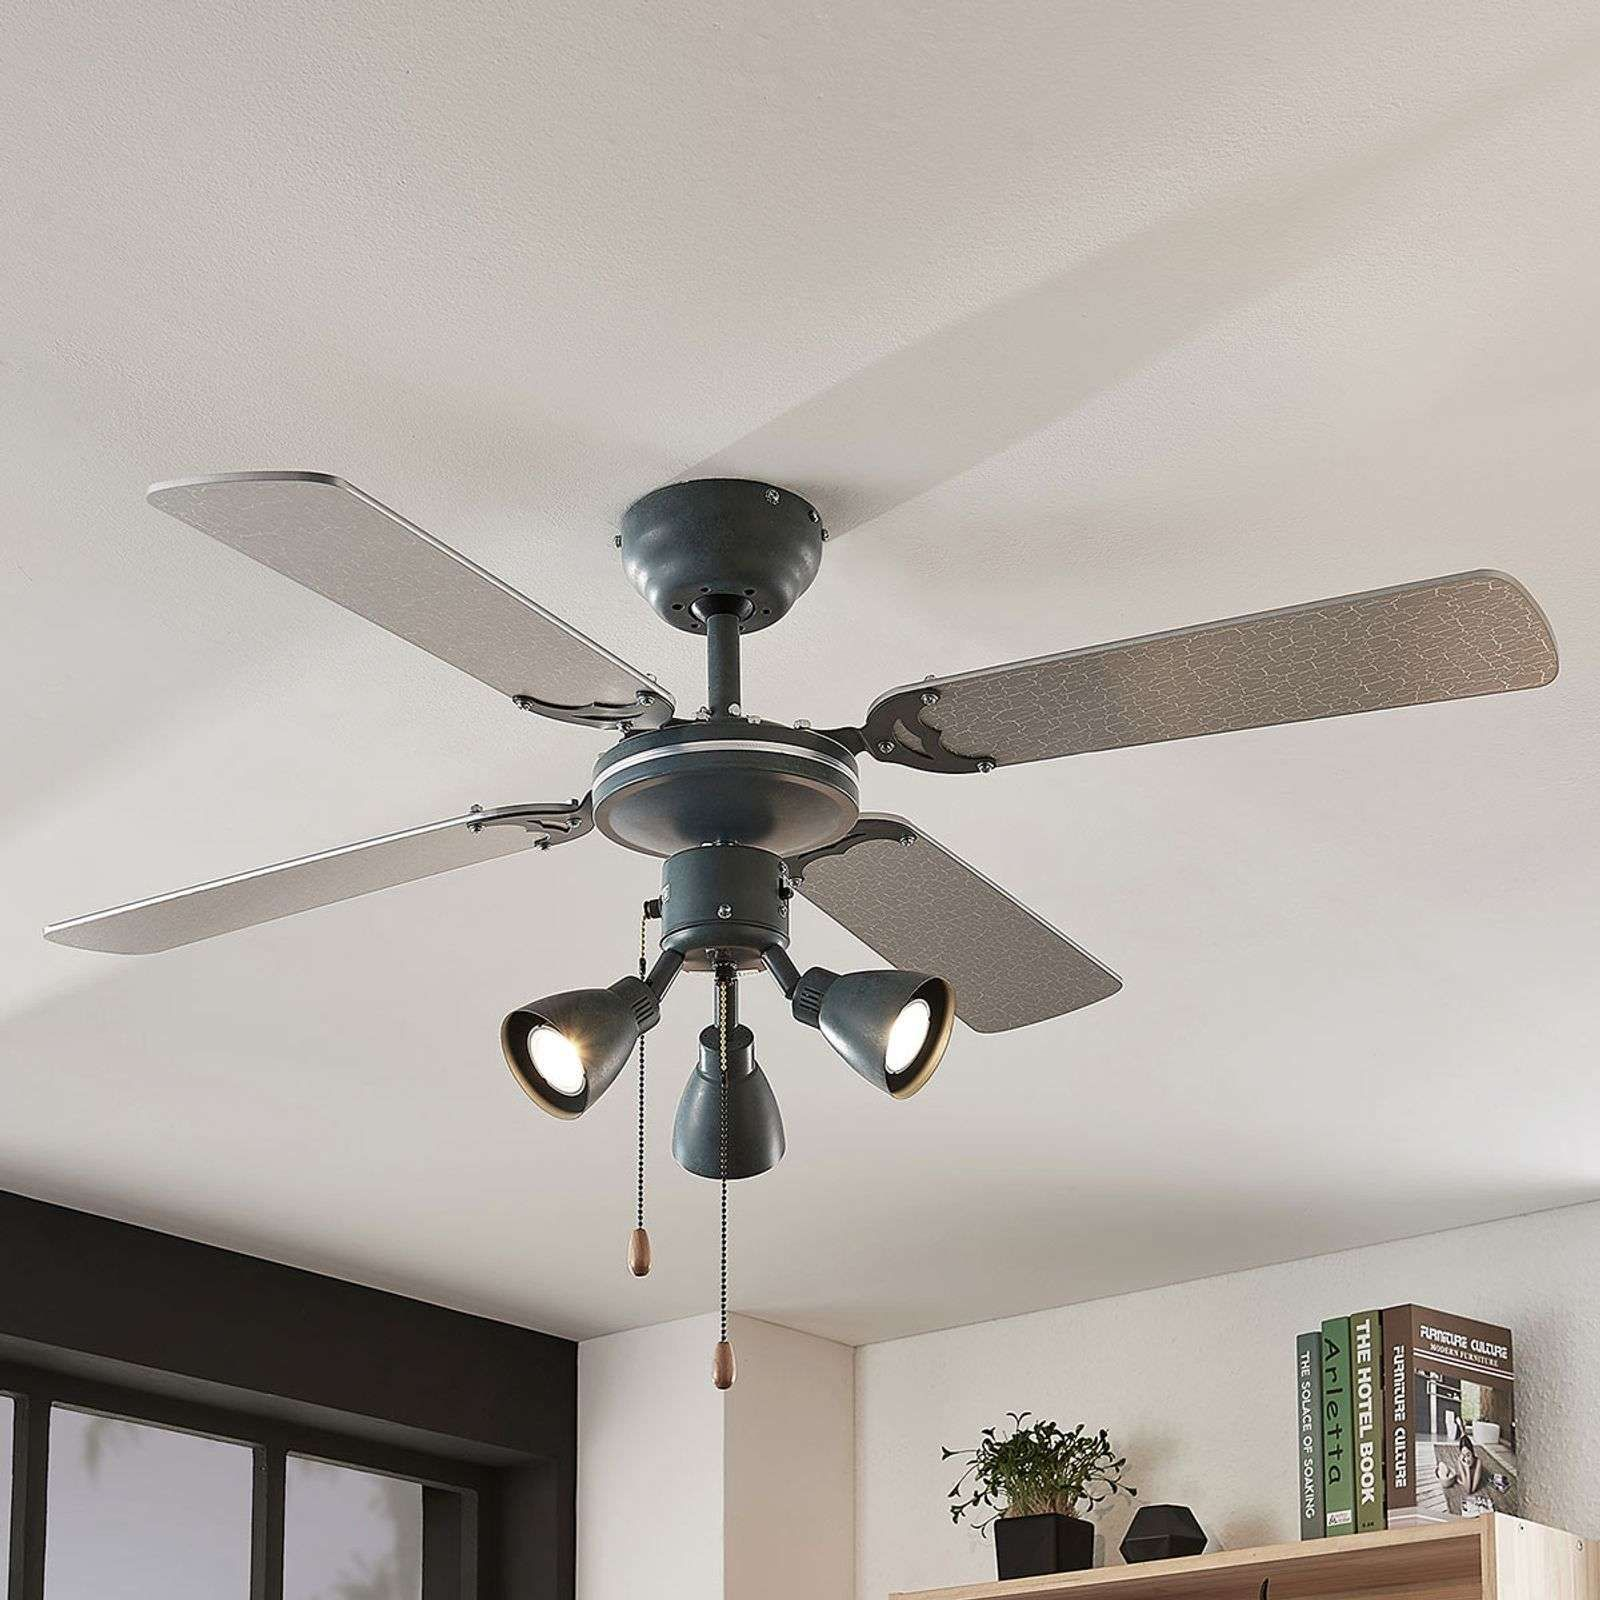 Deckenventilatoren Mit Beleuchtung Von Lampenwelt Com Grau Deckenventilator Ventilator Mit Licht Und Ventilator